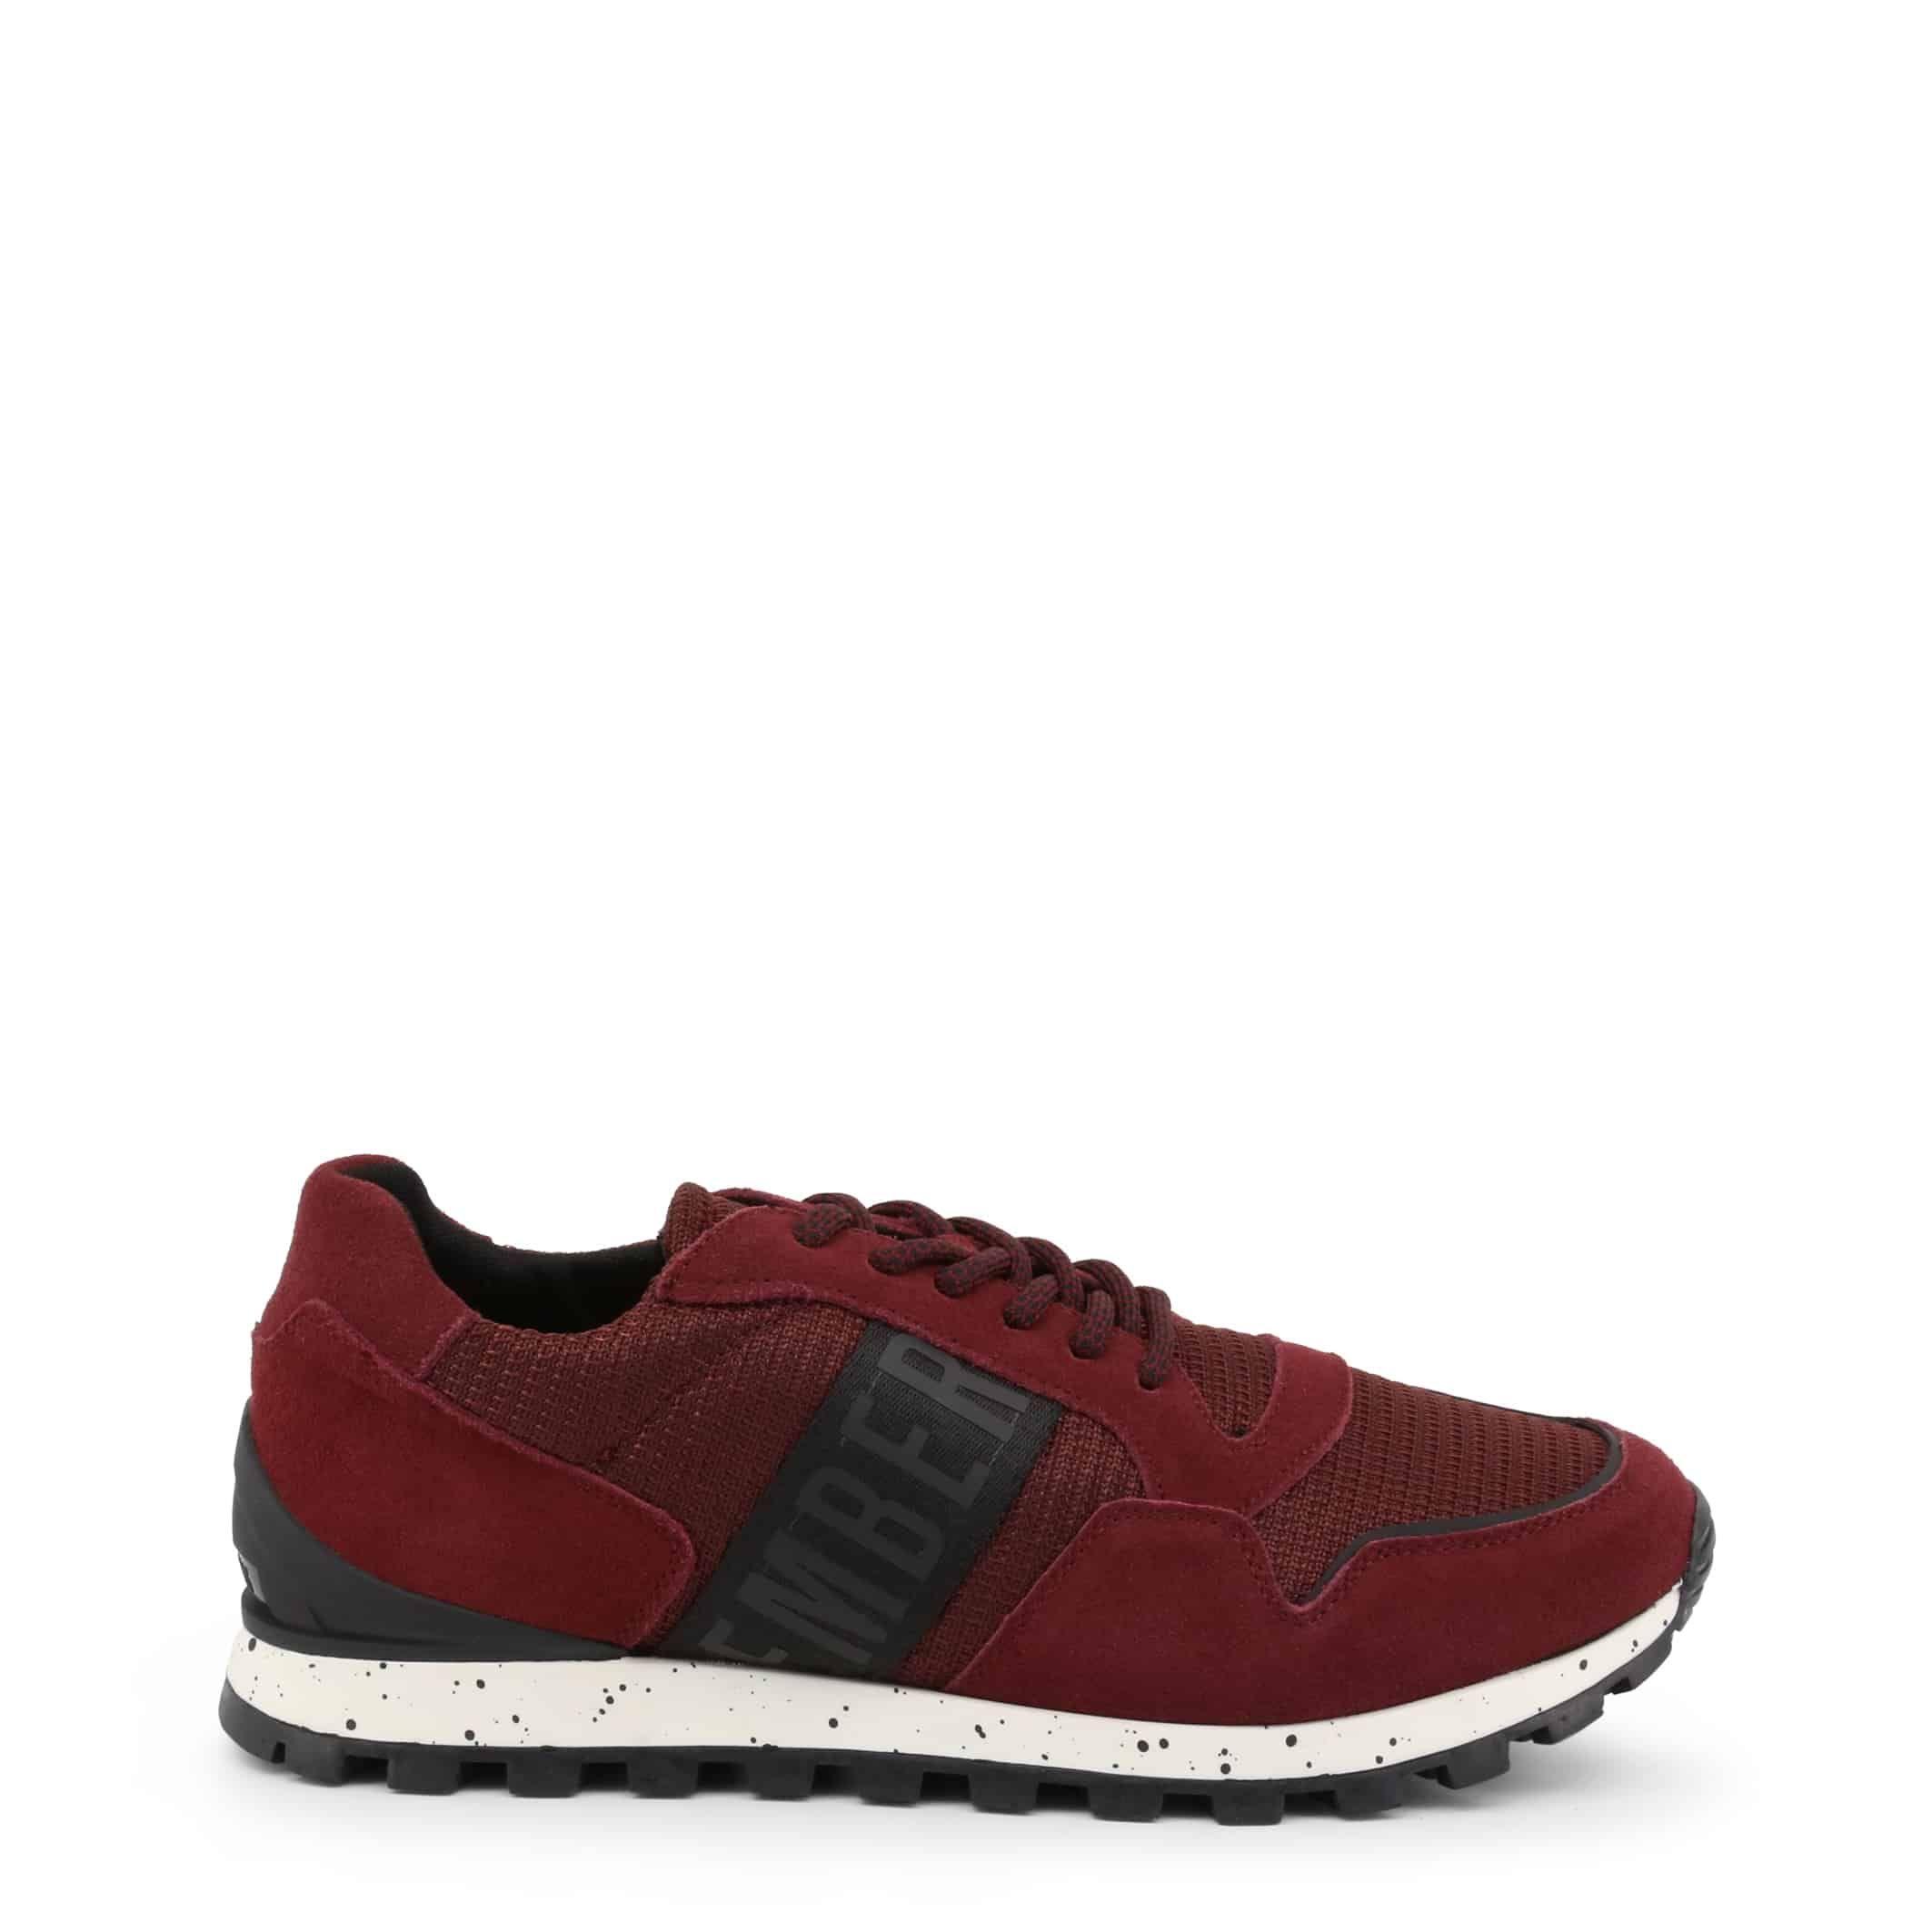 Sneakers Bikkembergs – FEND-ER_2356